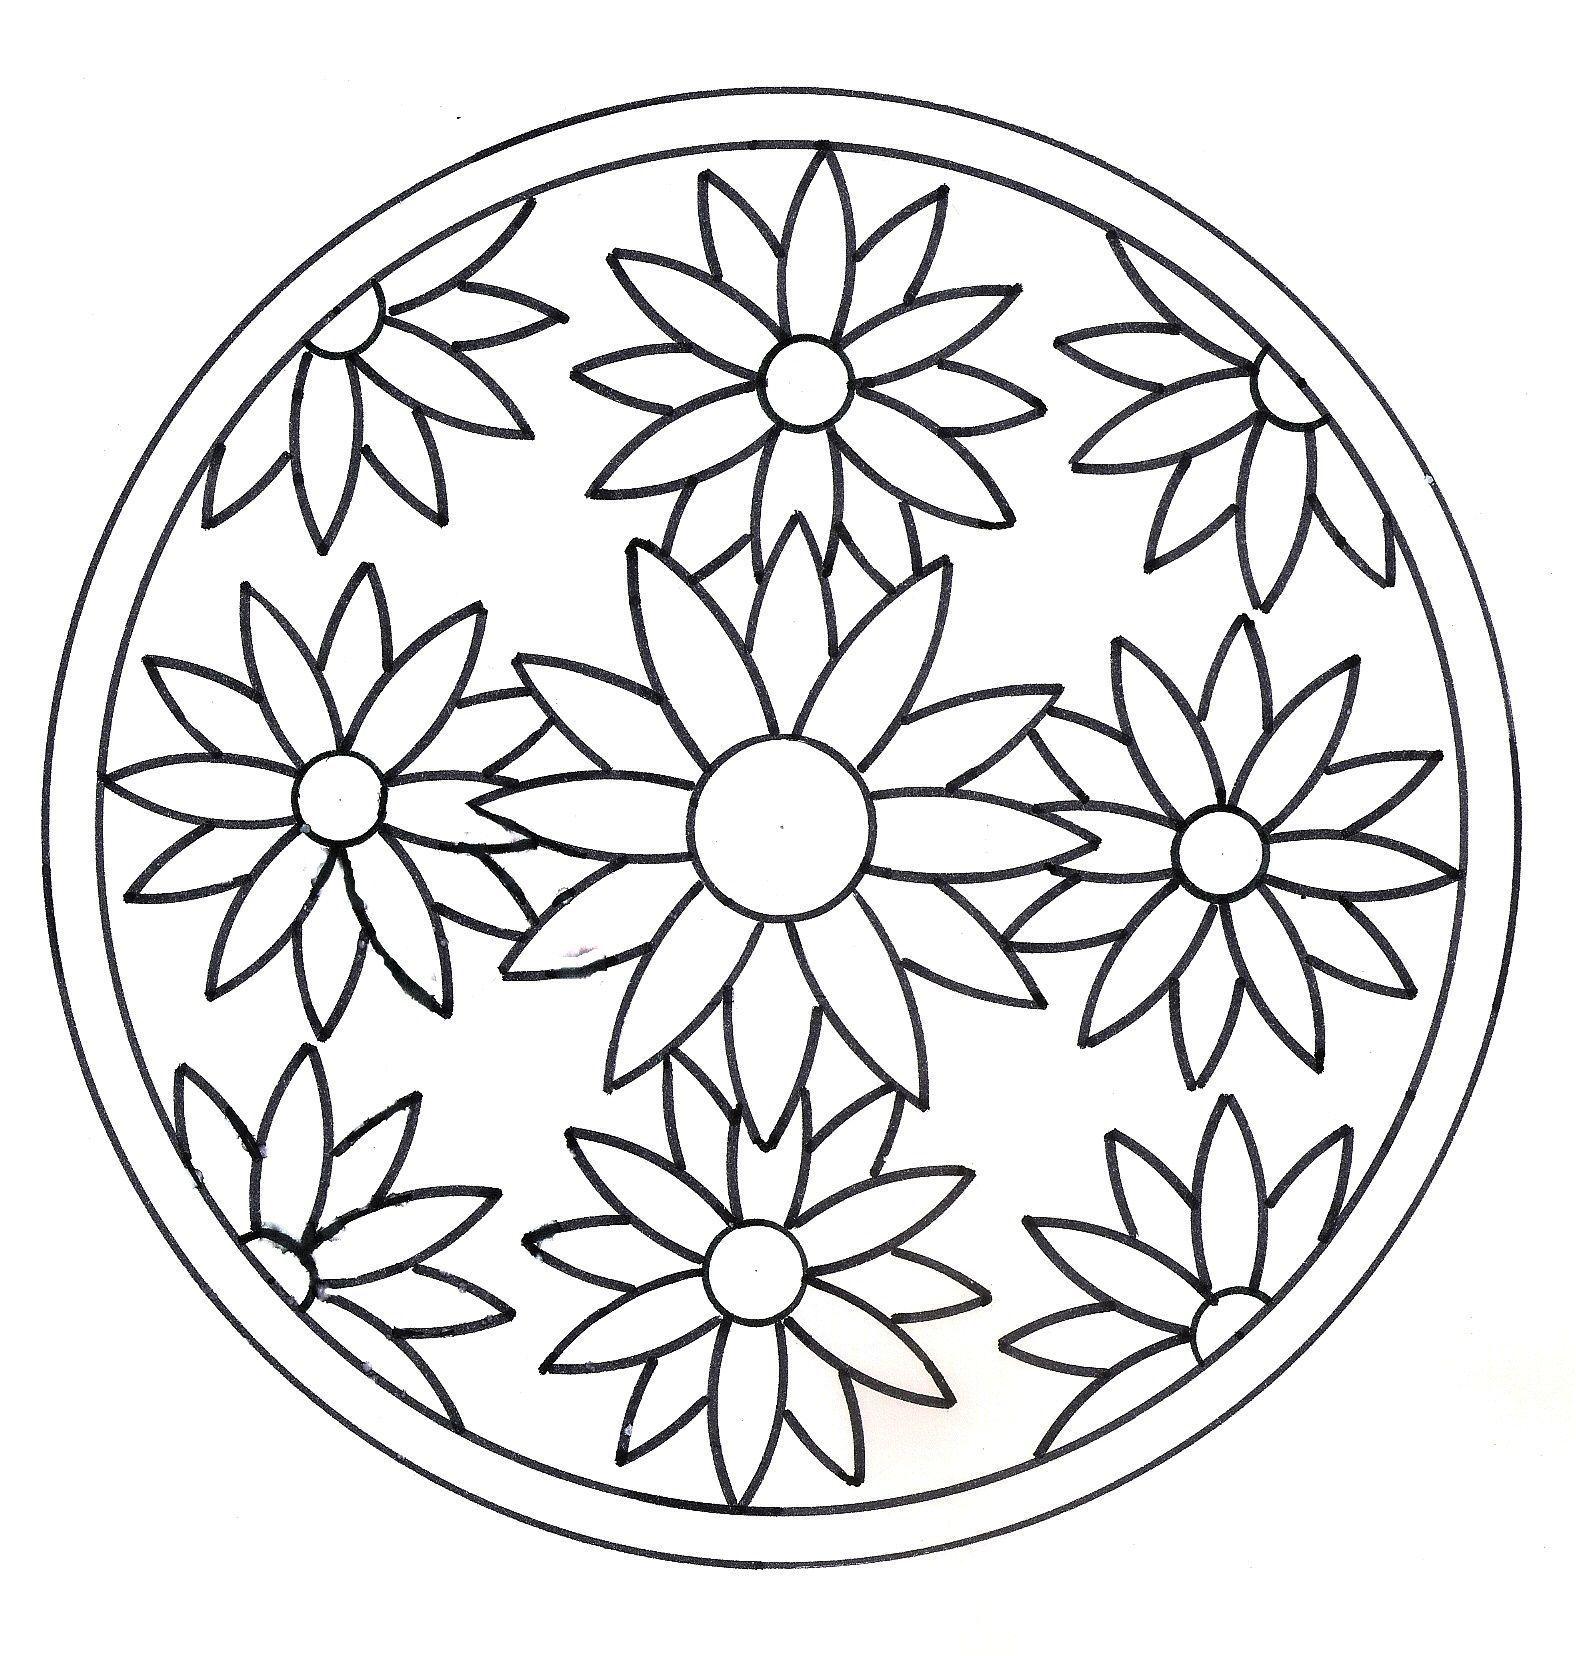 Coloriage Mandala Maternelle A Imprimer Gratuit.Coloriage Mandalas